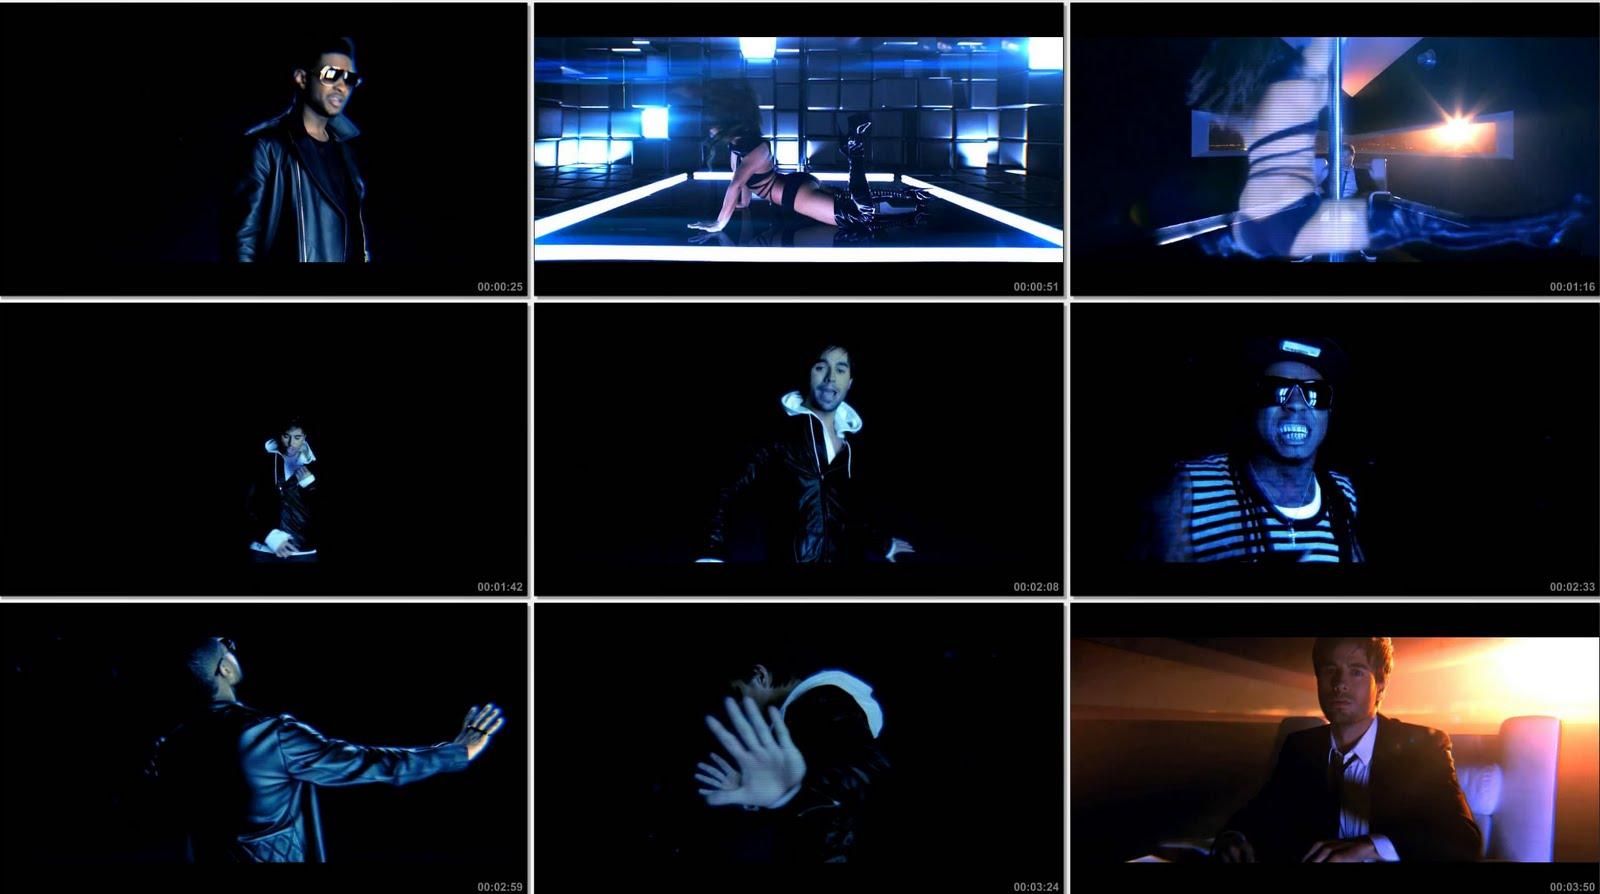 http://4.bp.blogspot.com/-Ck6H_sRW6oI/TgUt_Ytr_kI/AAAAAAAADPY/5HZUMCL0uRE/s1600/Enrique+Iglesias+Feat.+Usher+%2526+Lil+Wayne+-+Dirty+Dancer.mp4_thumbs_%255B2011.06.24_18.32.25%255D.jpg